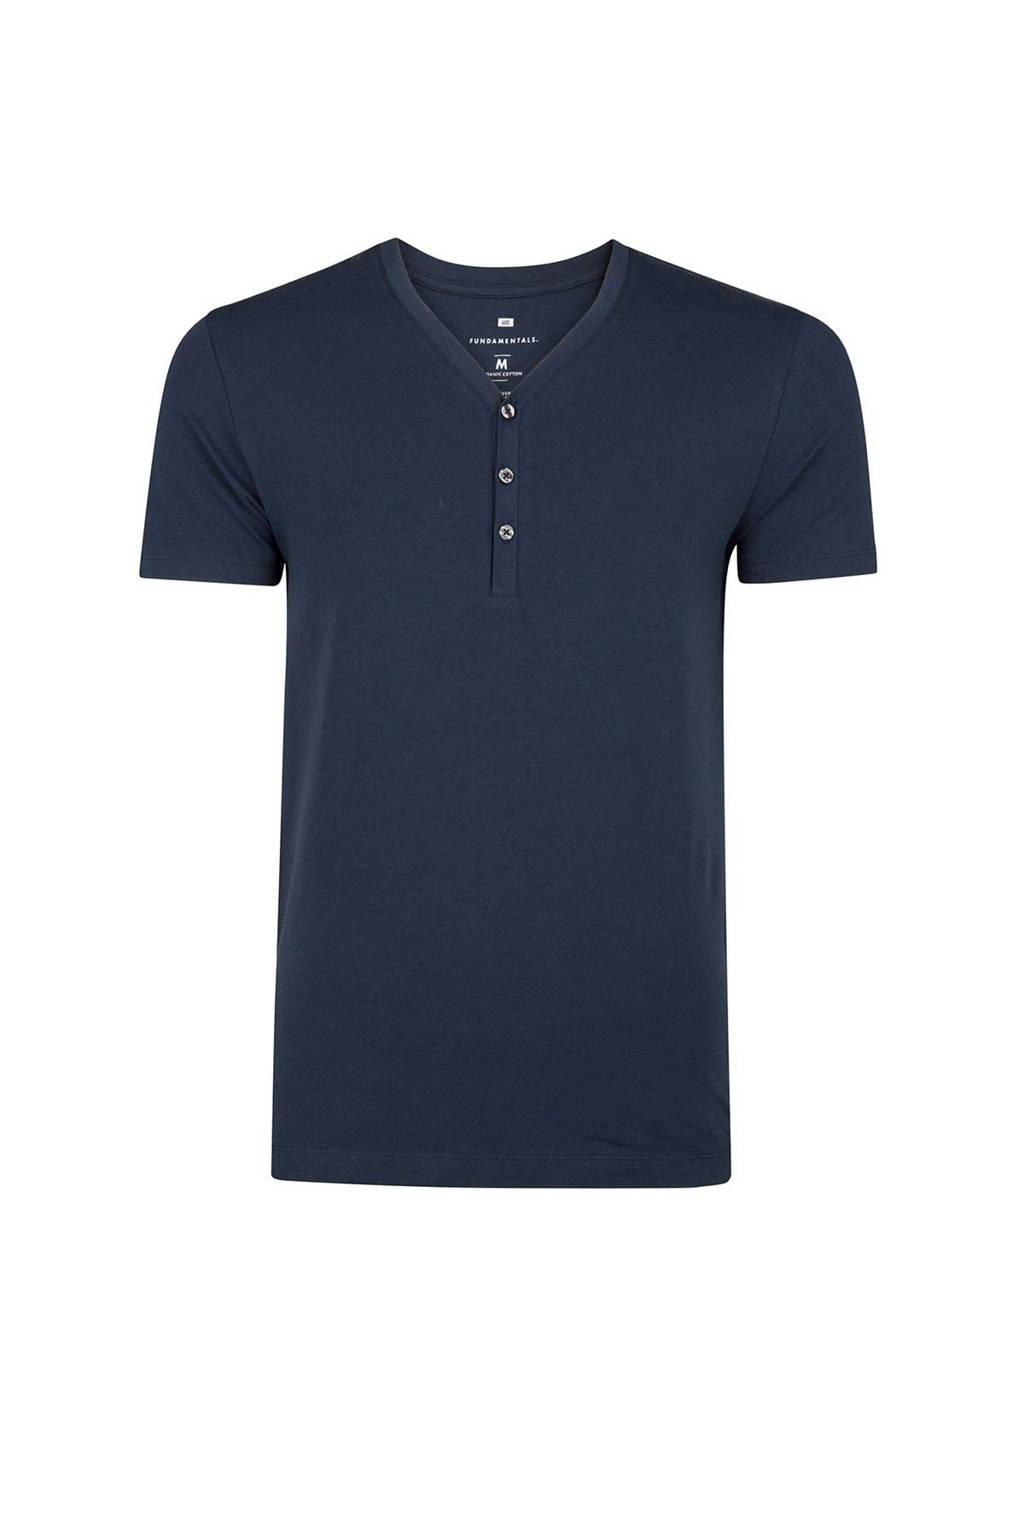 WE Fashion T-shirt, Dark marine